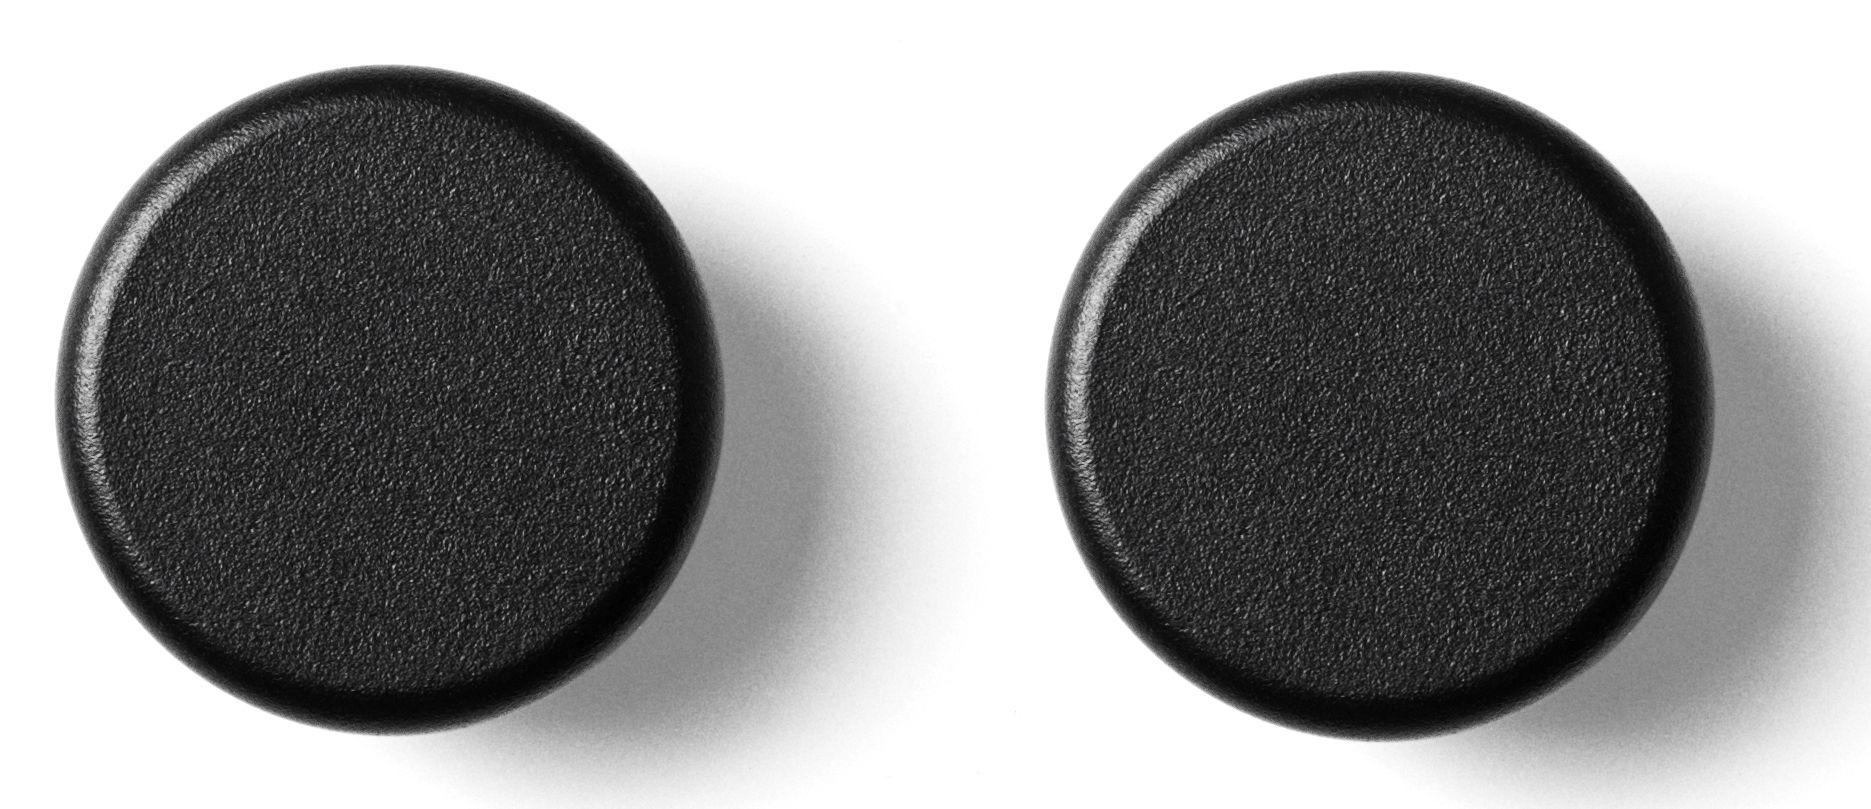 Mobilier - Portemanteaux, patères & portants - Patère / Lot de 2 - Menu - Noir - Acier